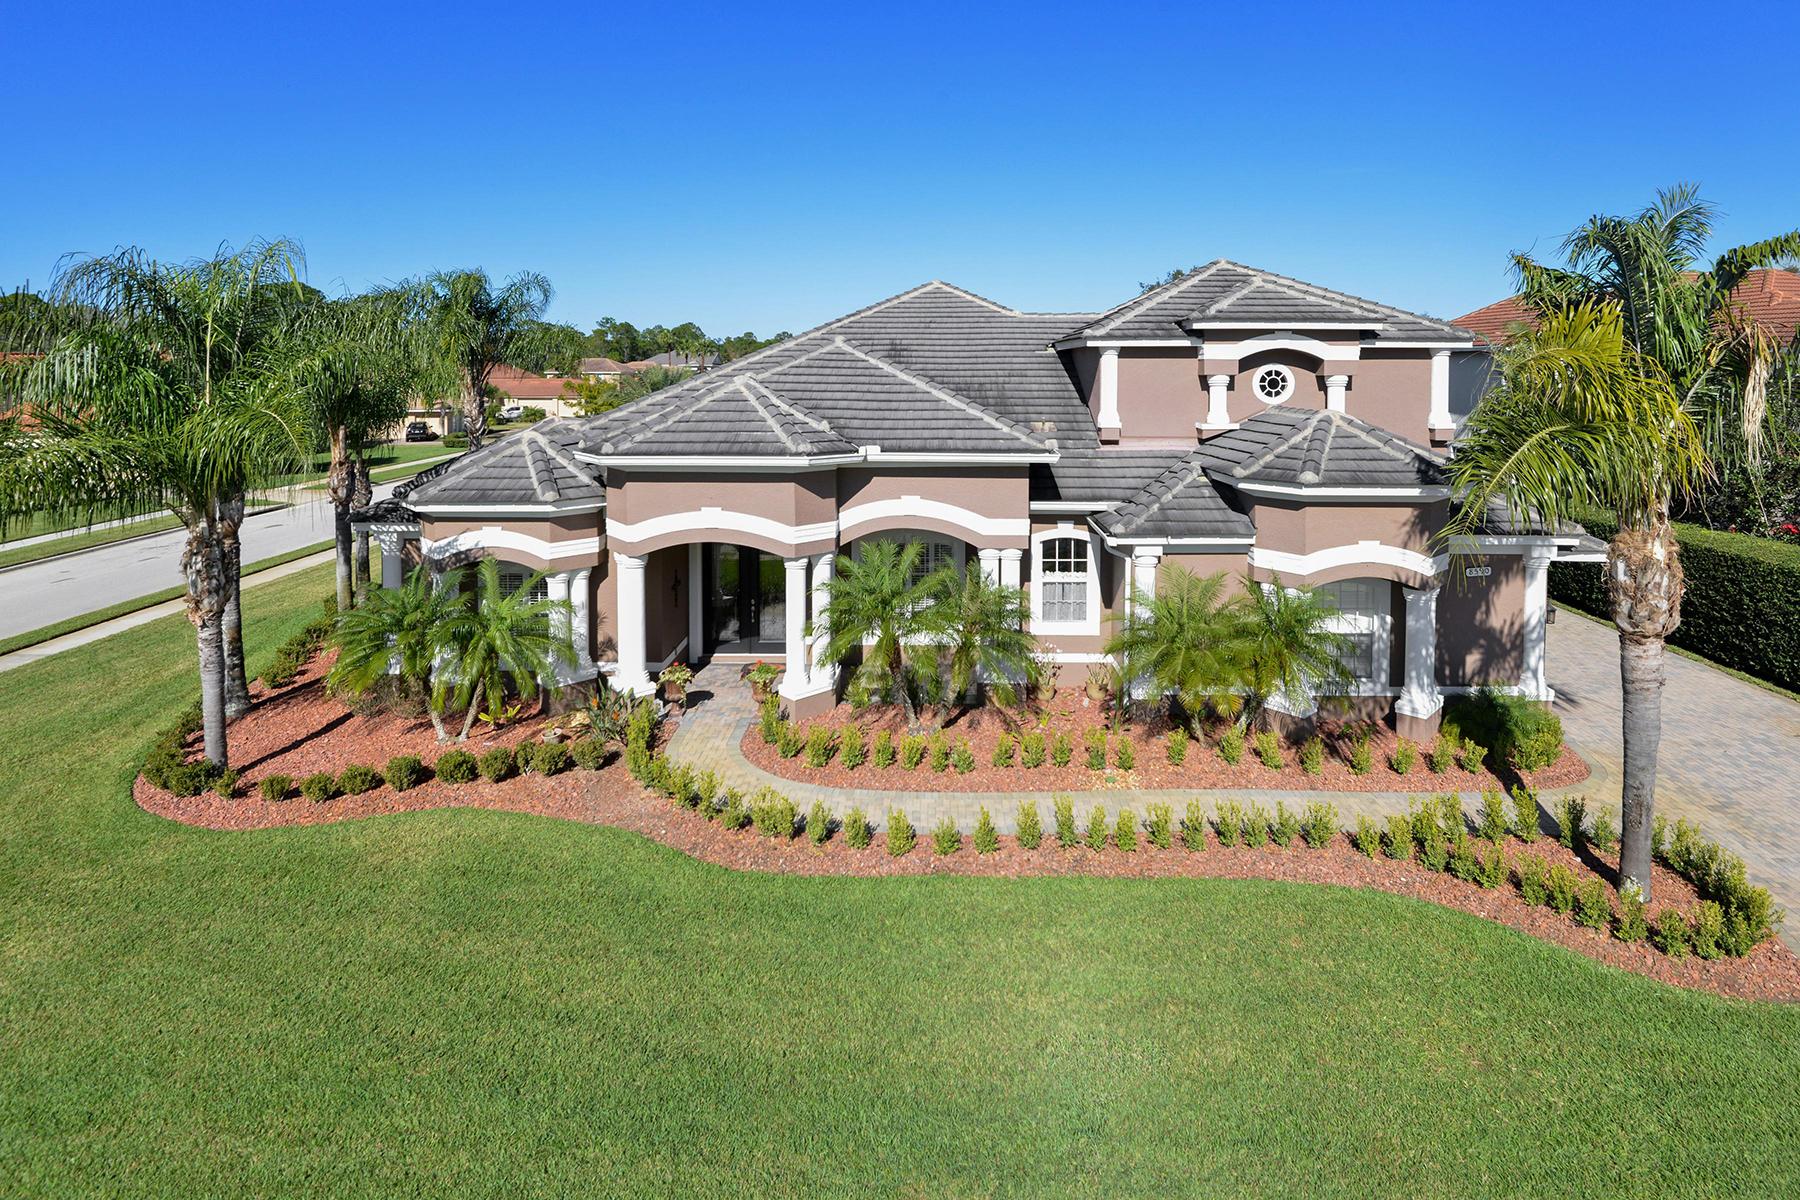 Maison unifamiliale pour l Vente à ORLANDO - SANFORD 8590 Cypress Ridge Ct Sanford, Florida, 32771 États-Unis